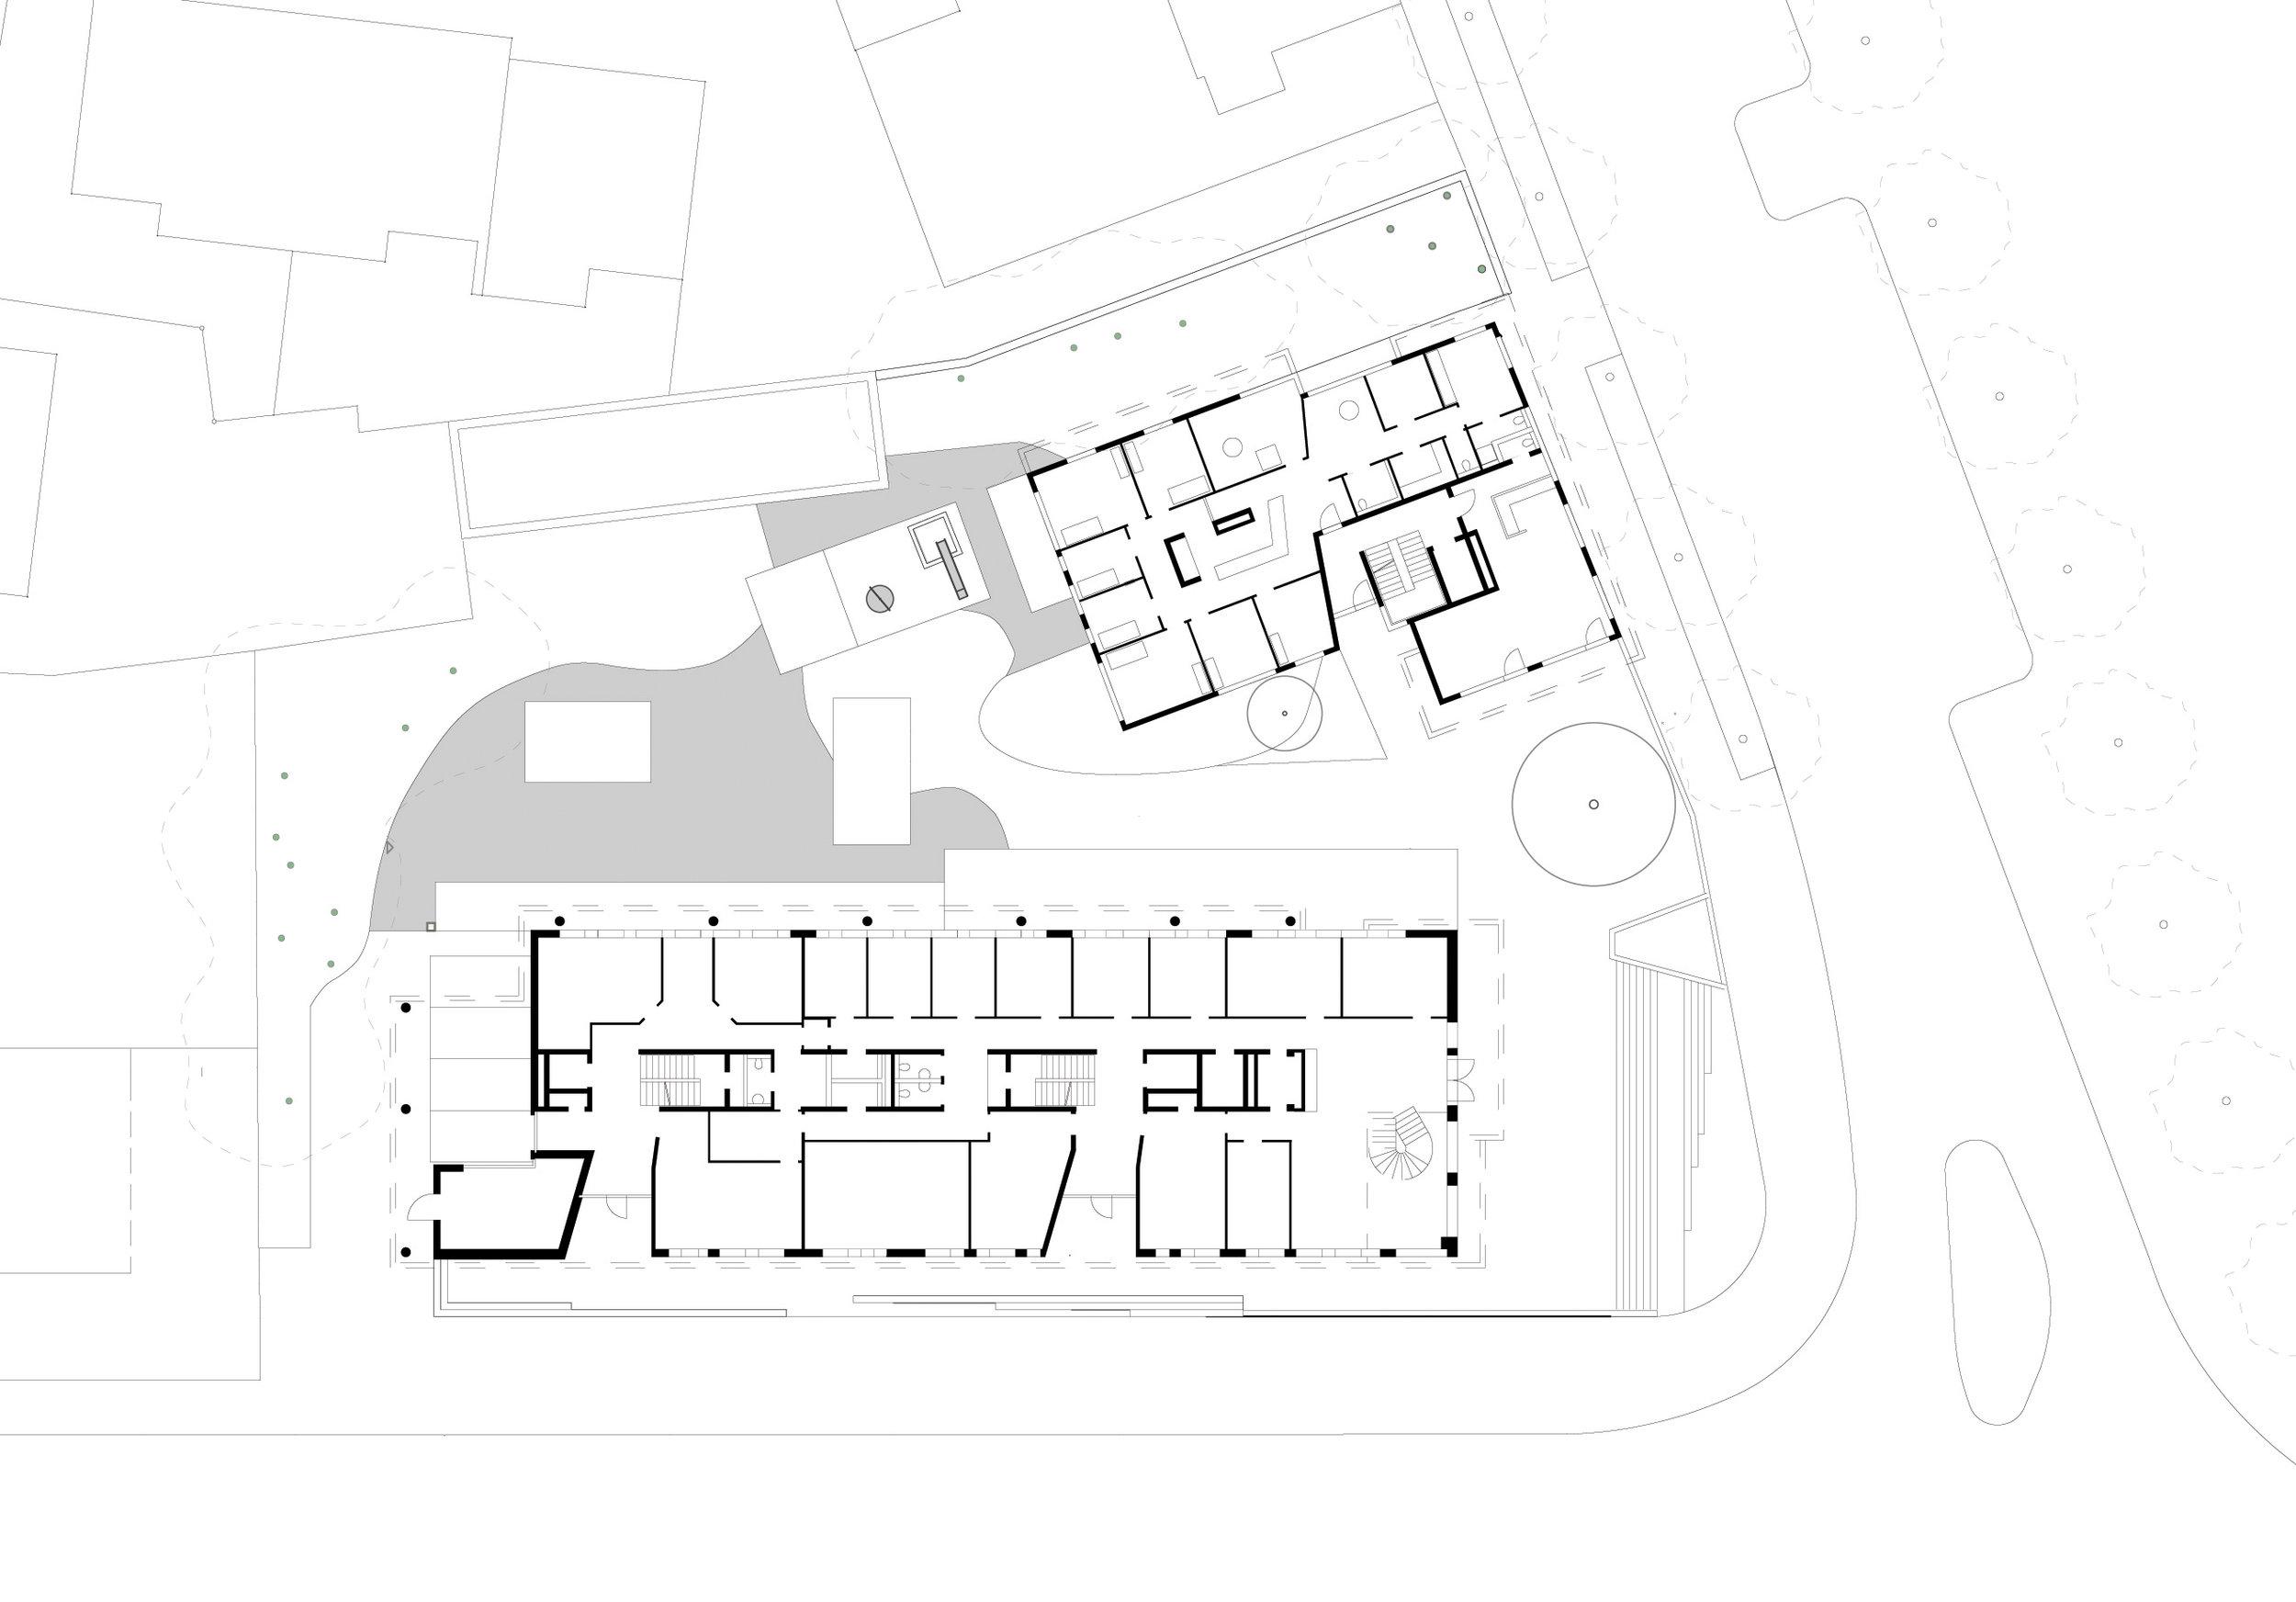 032_Bismark Plans.jpg